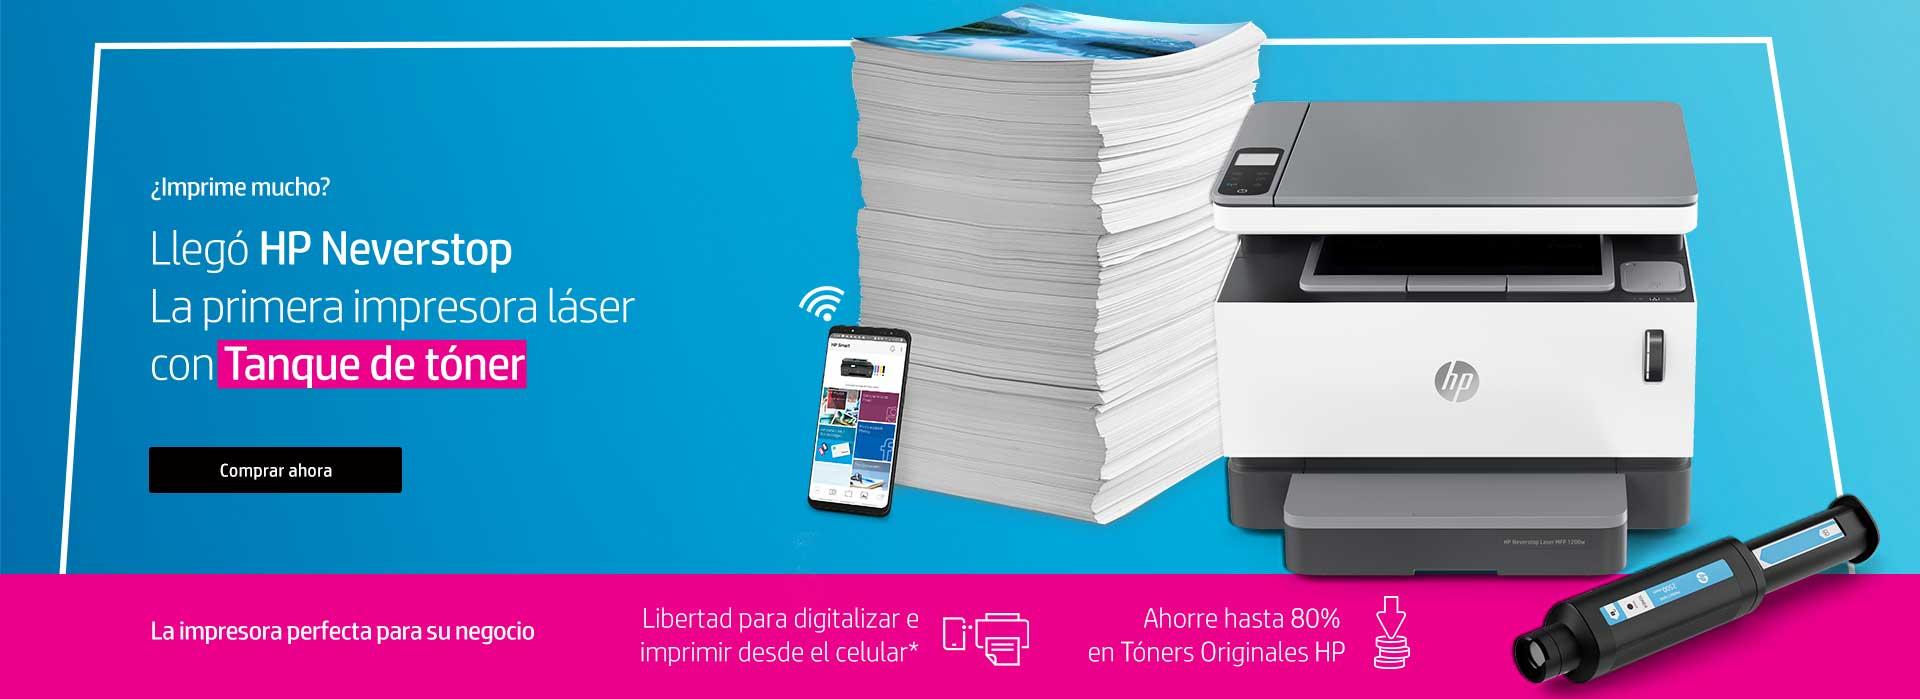 ¿Imprimes mucho? Llegó HP Neverstop la primera impresora láser con Tanque de Tóner